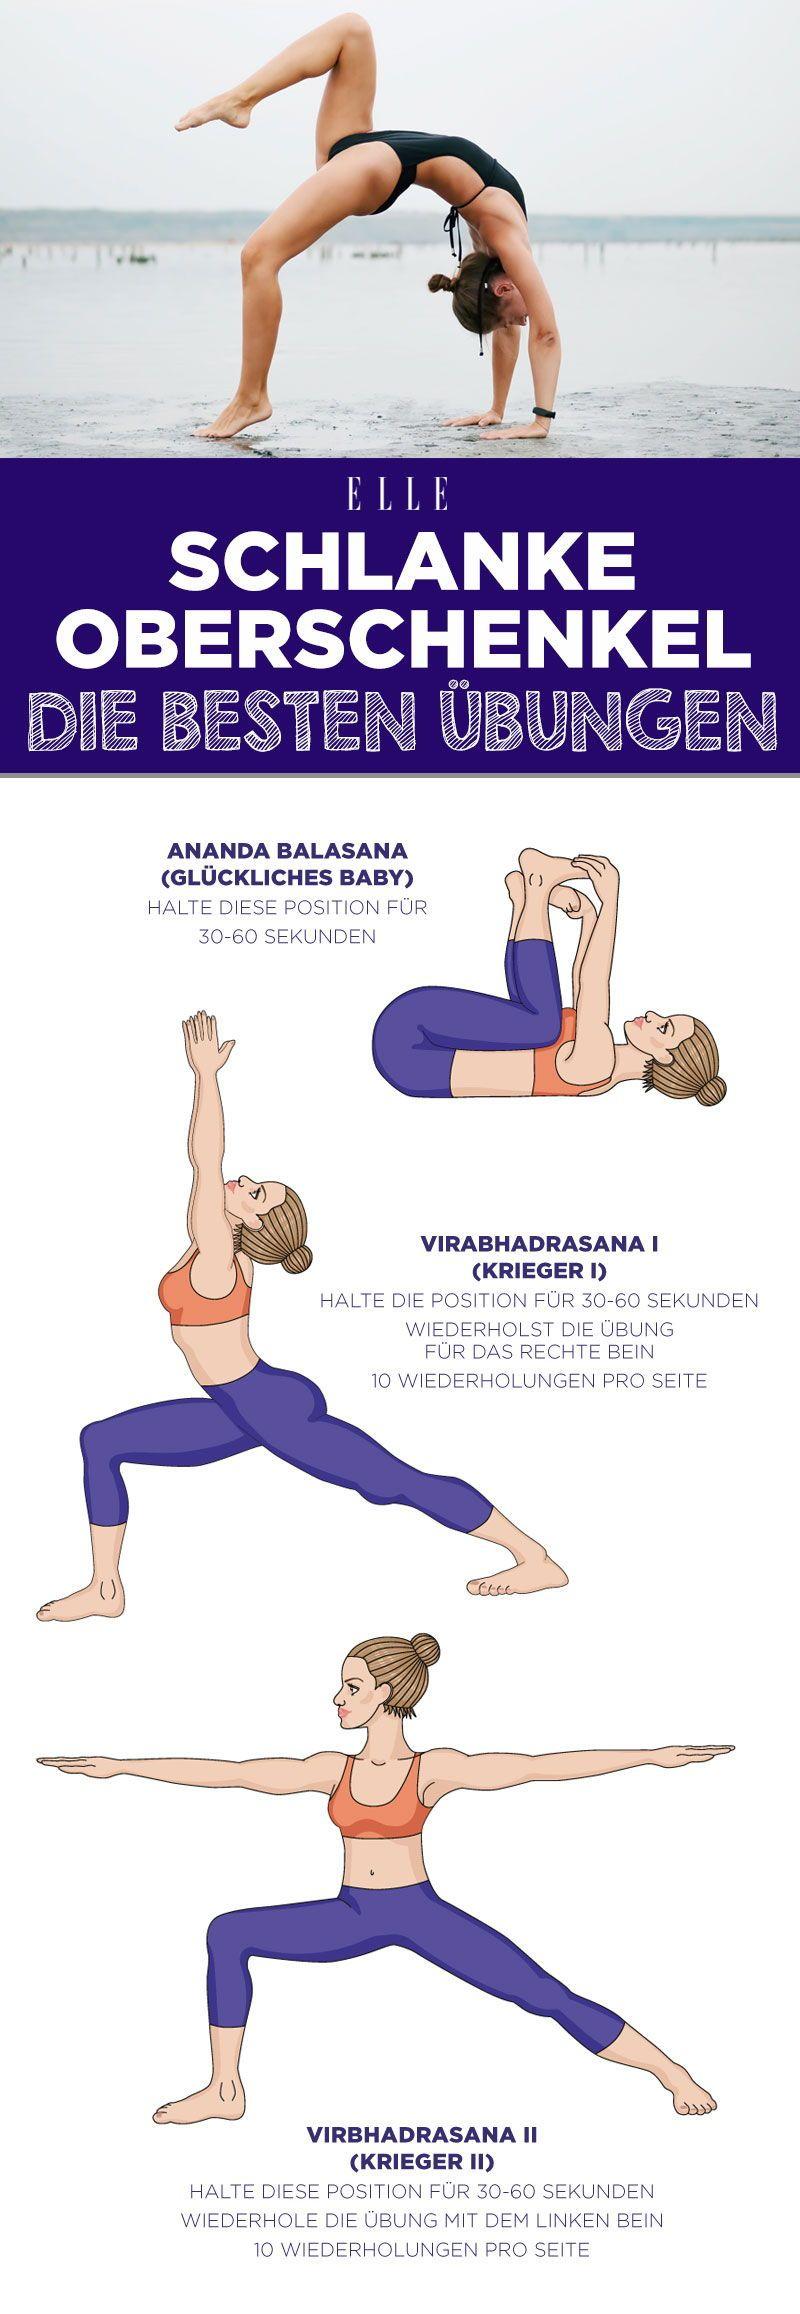 Schlanke Oberschenkel 3 einfache YogaÜbungen die sofort helfen